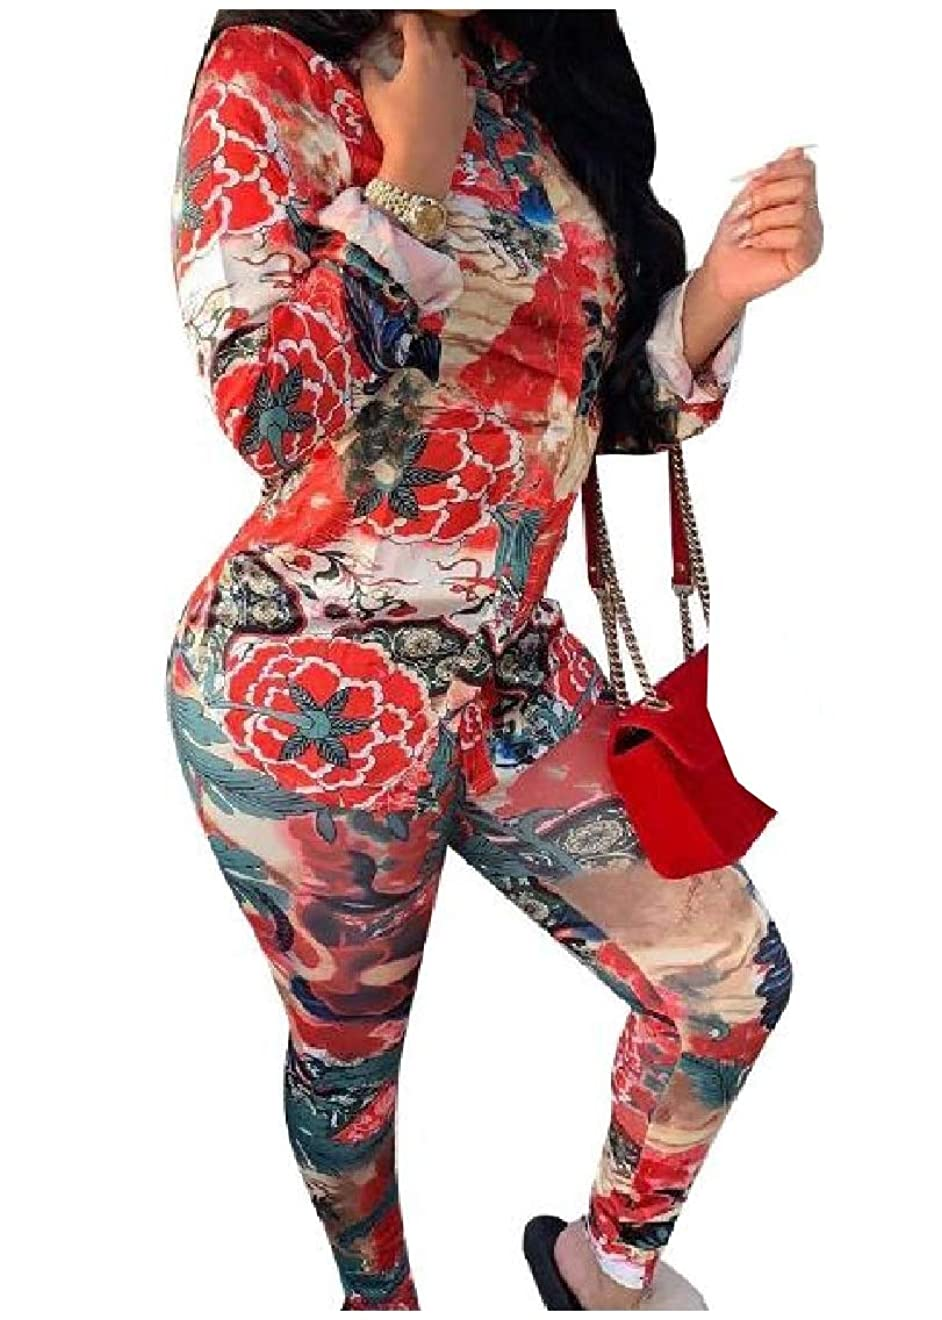 上院スキー習字GodeyesW 女性カジュアル花柄ラペル襟トップジャケットとスウェットパンツの衣装